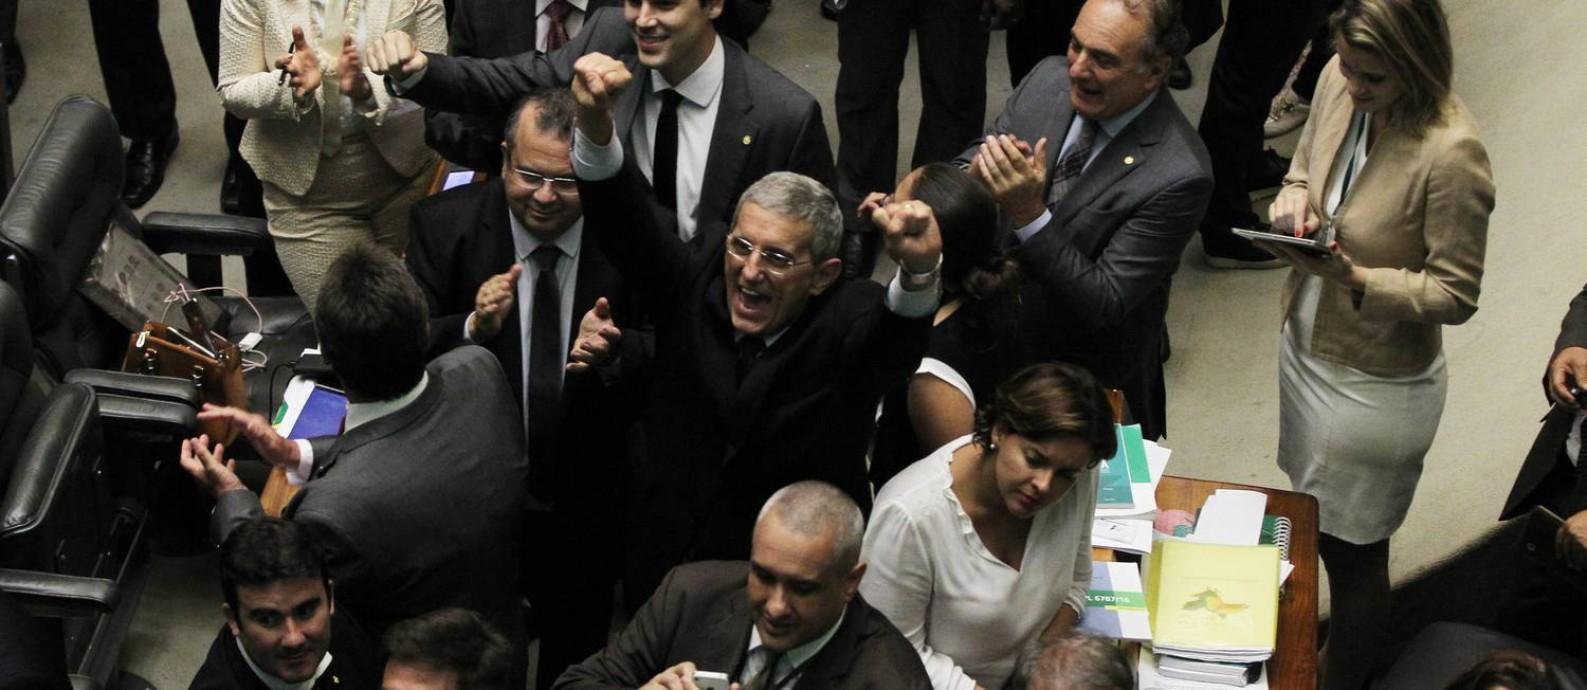 O plenário da Câmara, aprova a reforma trabalhista, do relator deputado Rogério Marinho (PSDB/RN) Foto: Givaldo Barbosa / Agência O Globo